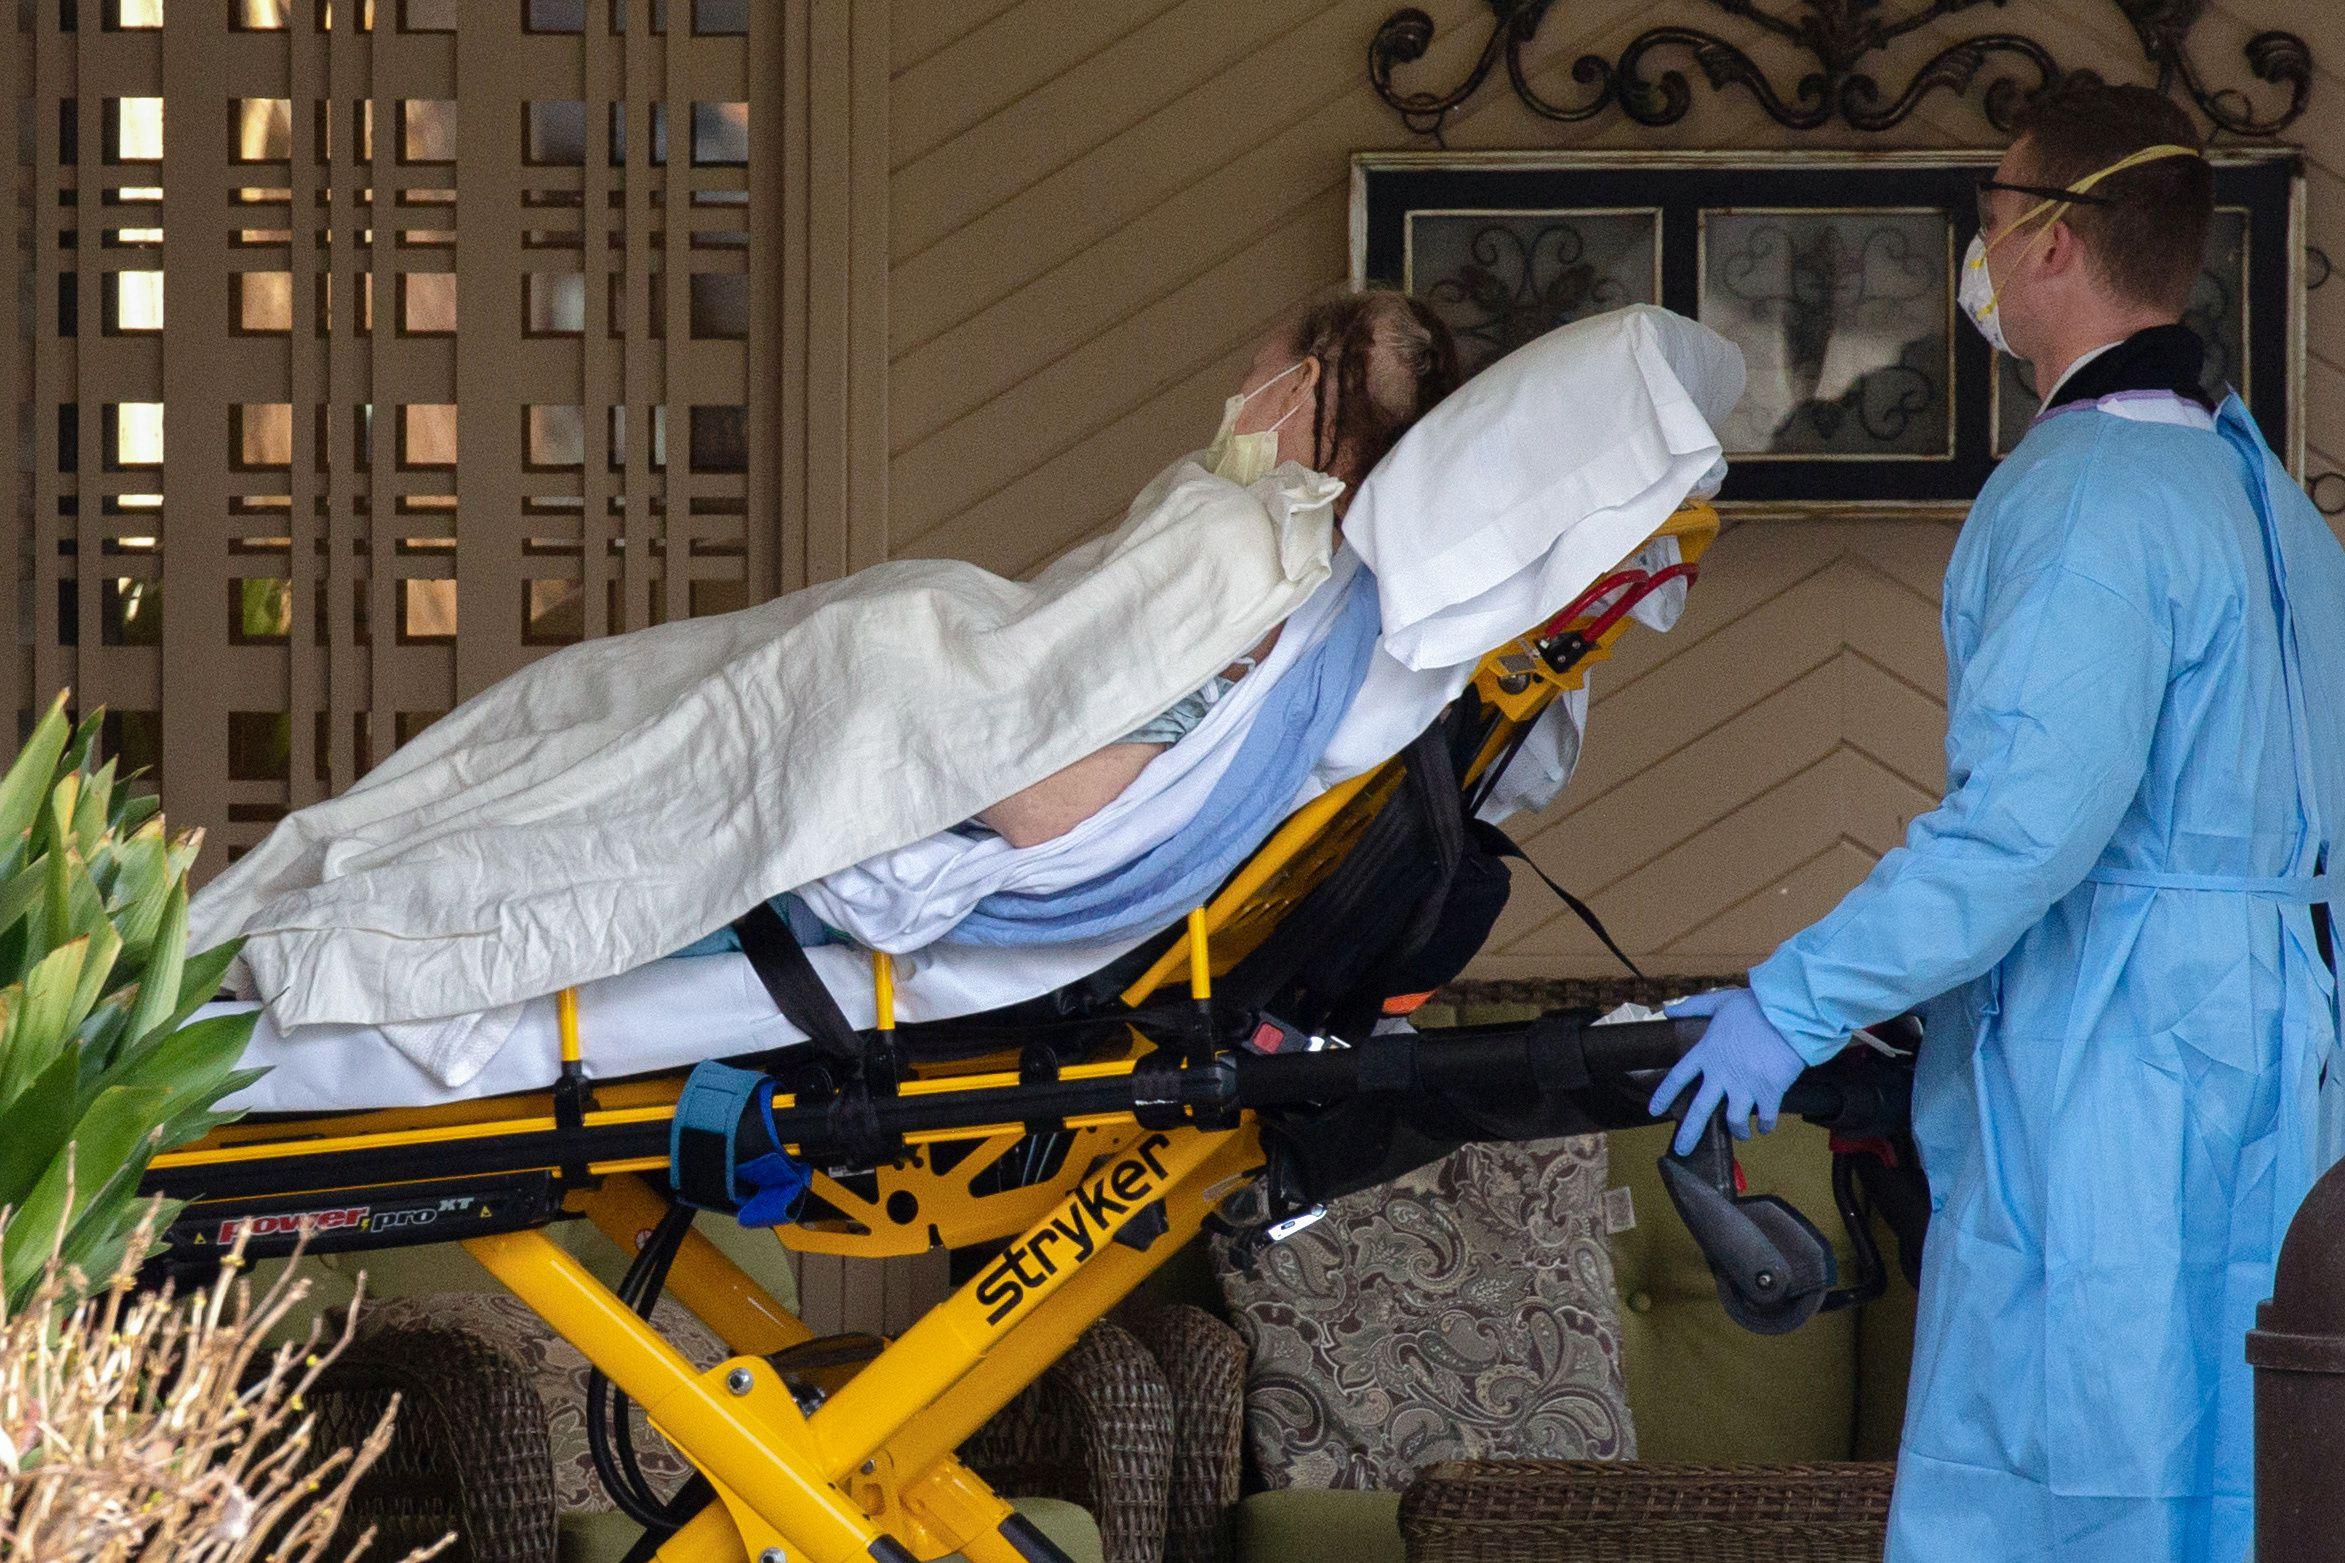 Médicos transportan a un paciente desde una ambulancia al Life Care Center de Kirkland, el centro de atención a largo plazo vinculado a casos confirmados de coronavirus en el estado, durante el brote de la enfermedad por coronavirus (COVID-19), en Kirkland, Washington (Reuters)